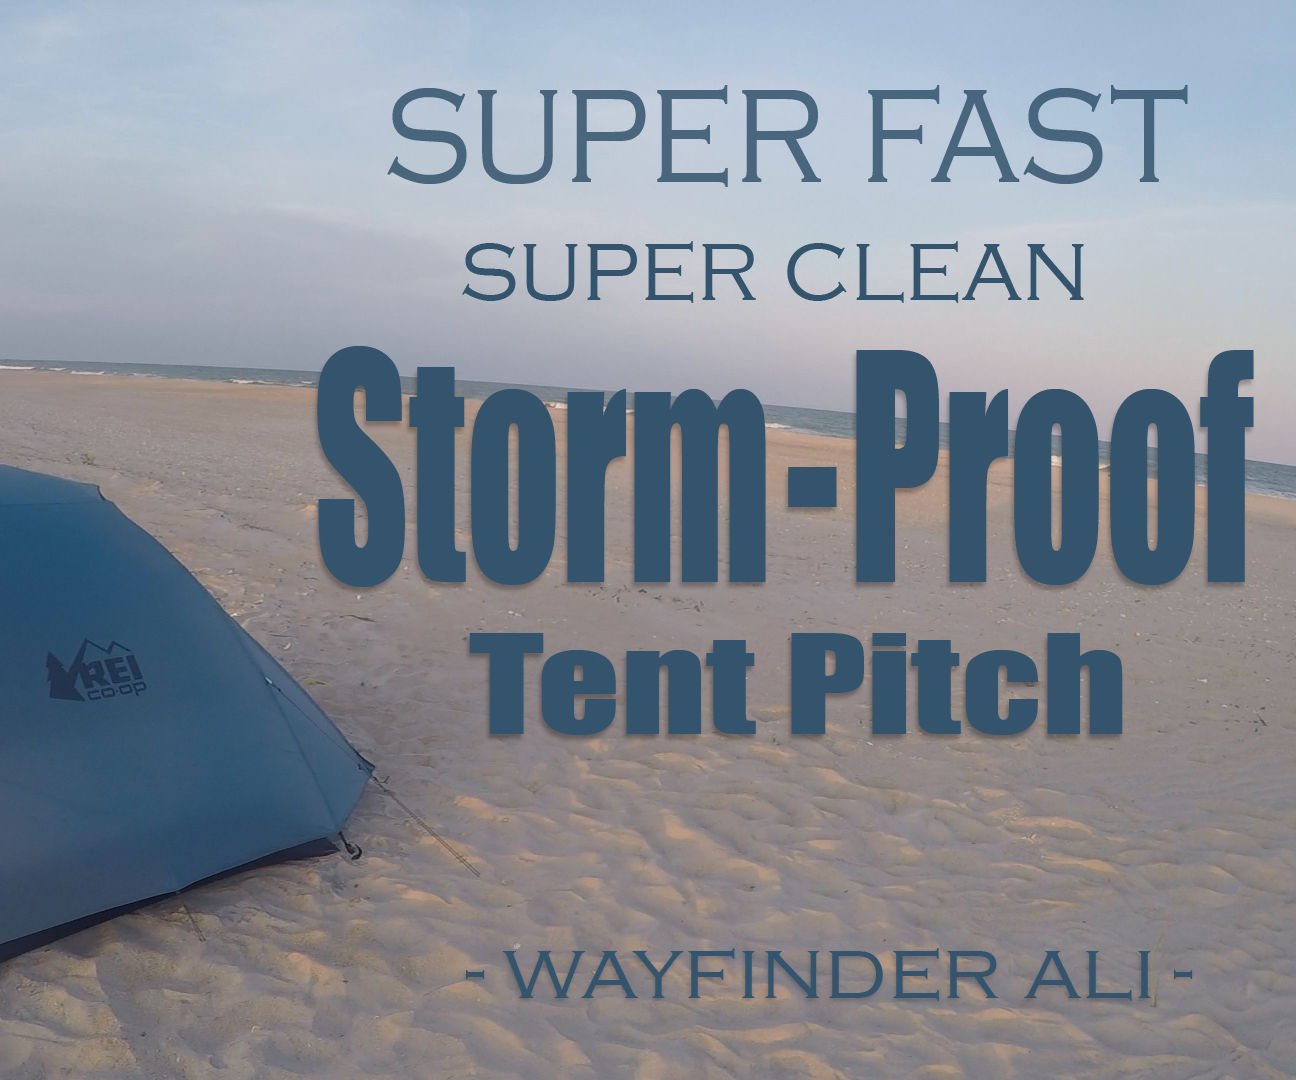 Fast, Efficient, CLEAN Tent Set-up